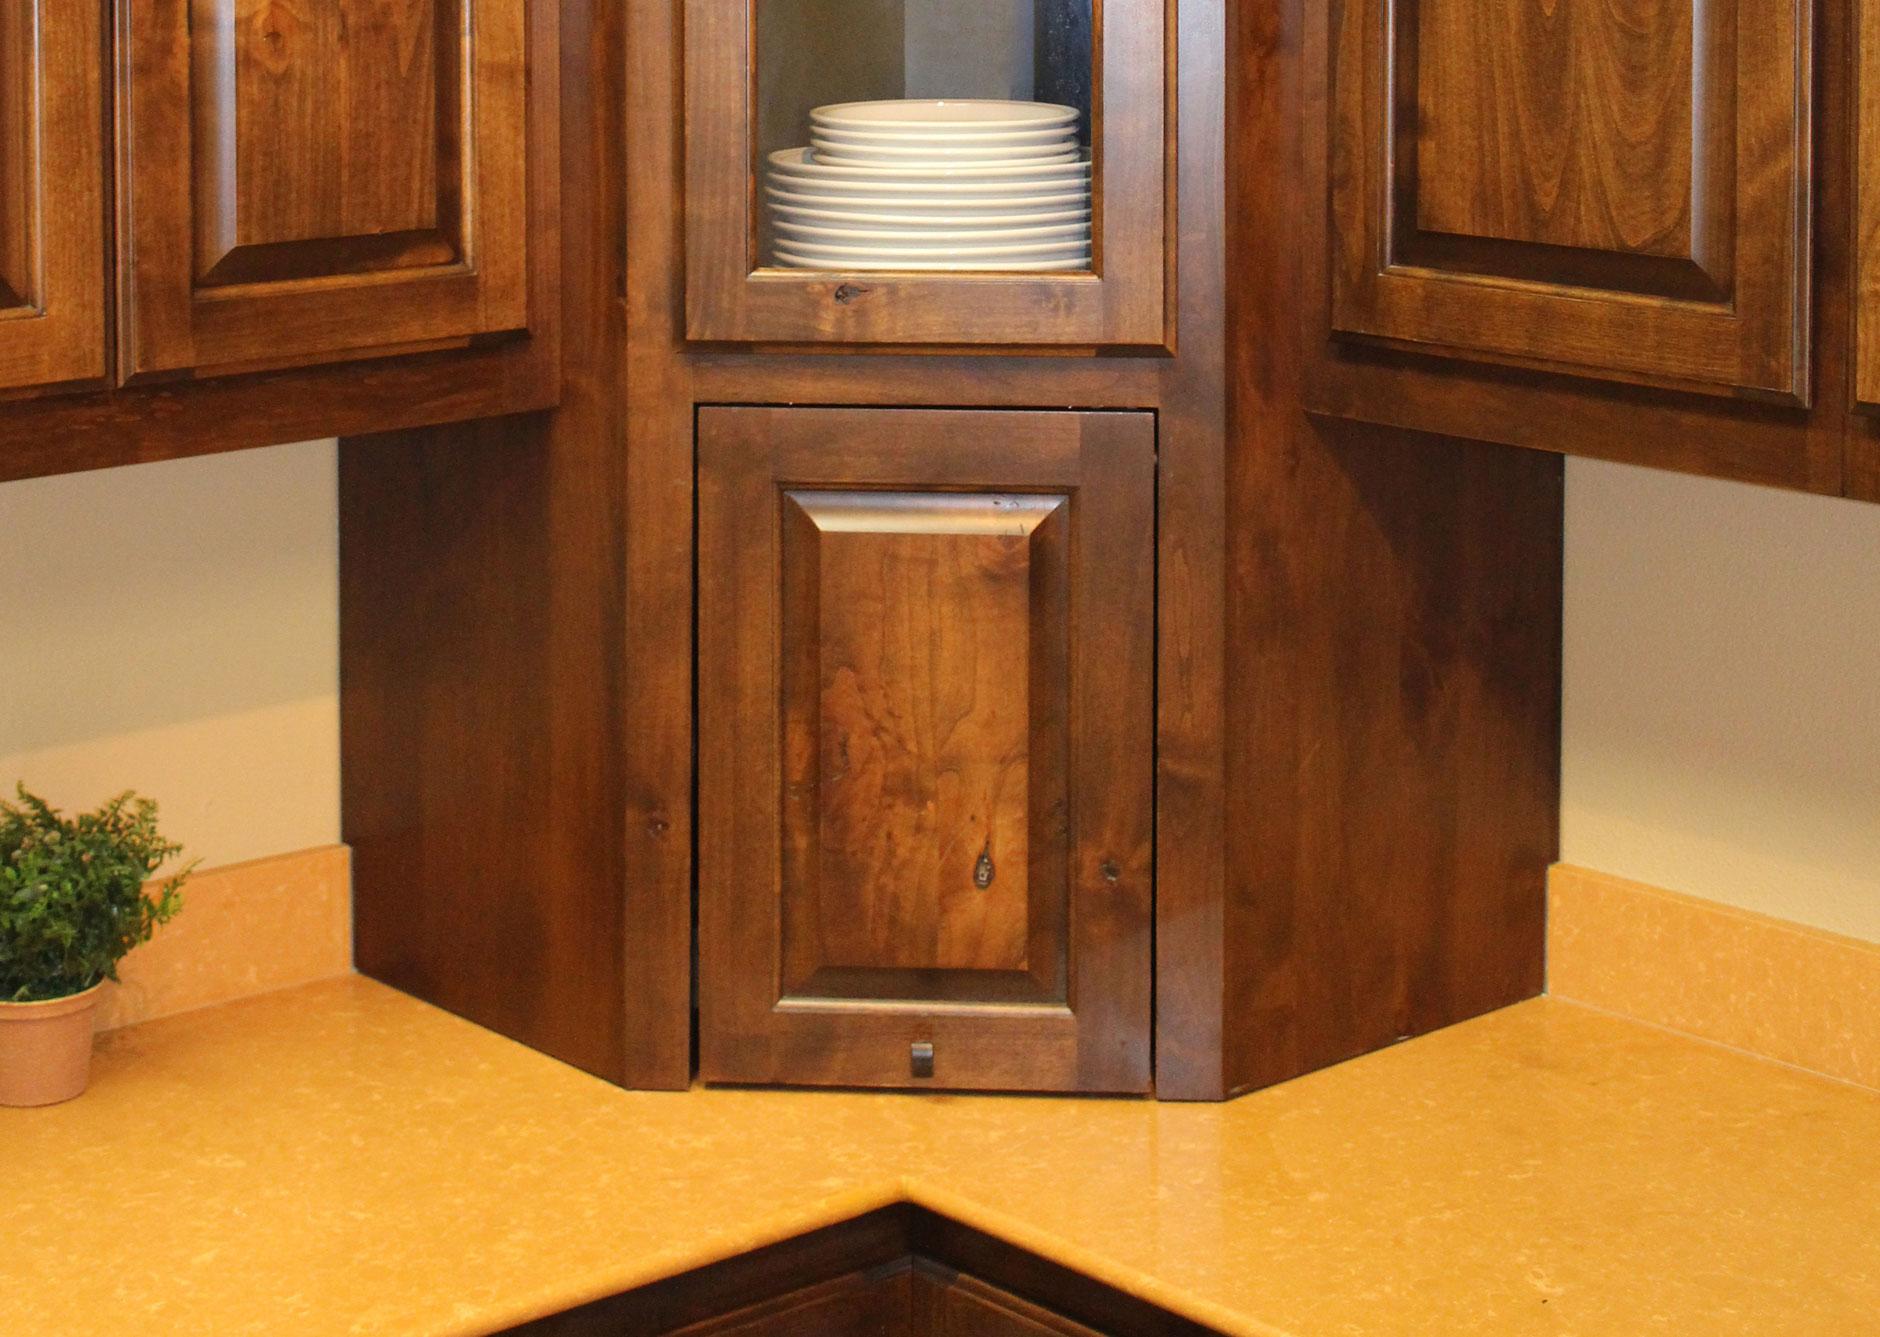 Corner appliance garage with tilt-up cabinet door